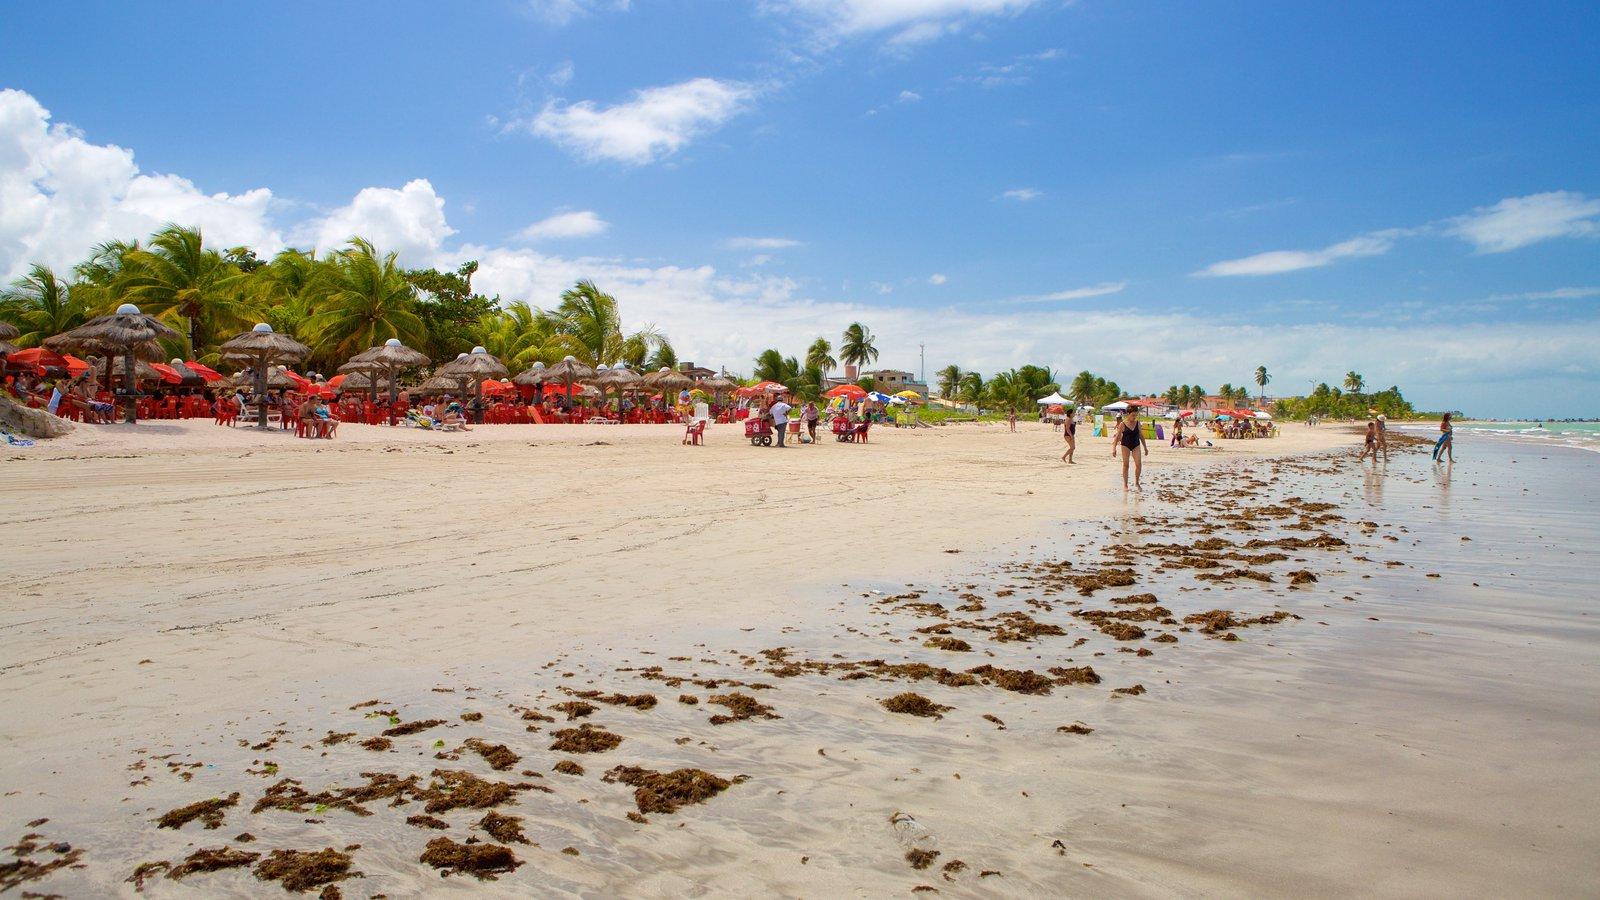 Praia de Paripueira caracterizando cenas tropicais, paisagens litorâneas e uma praia